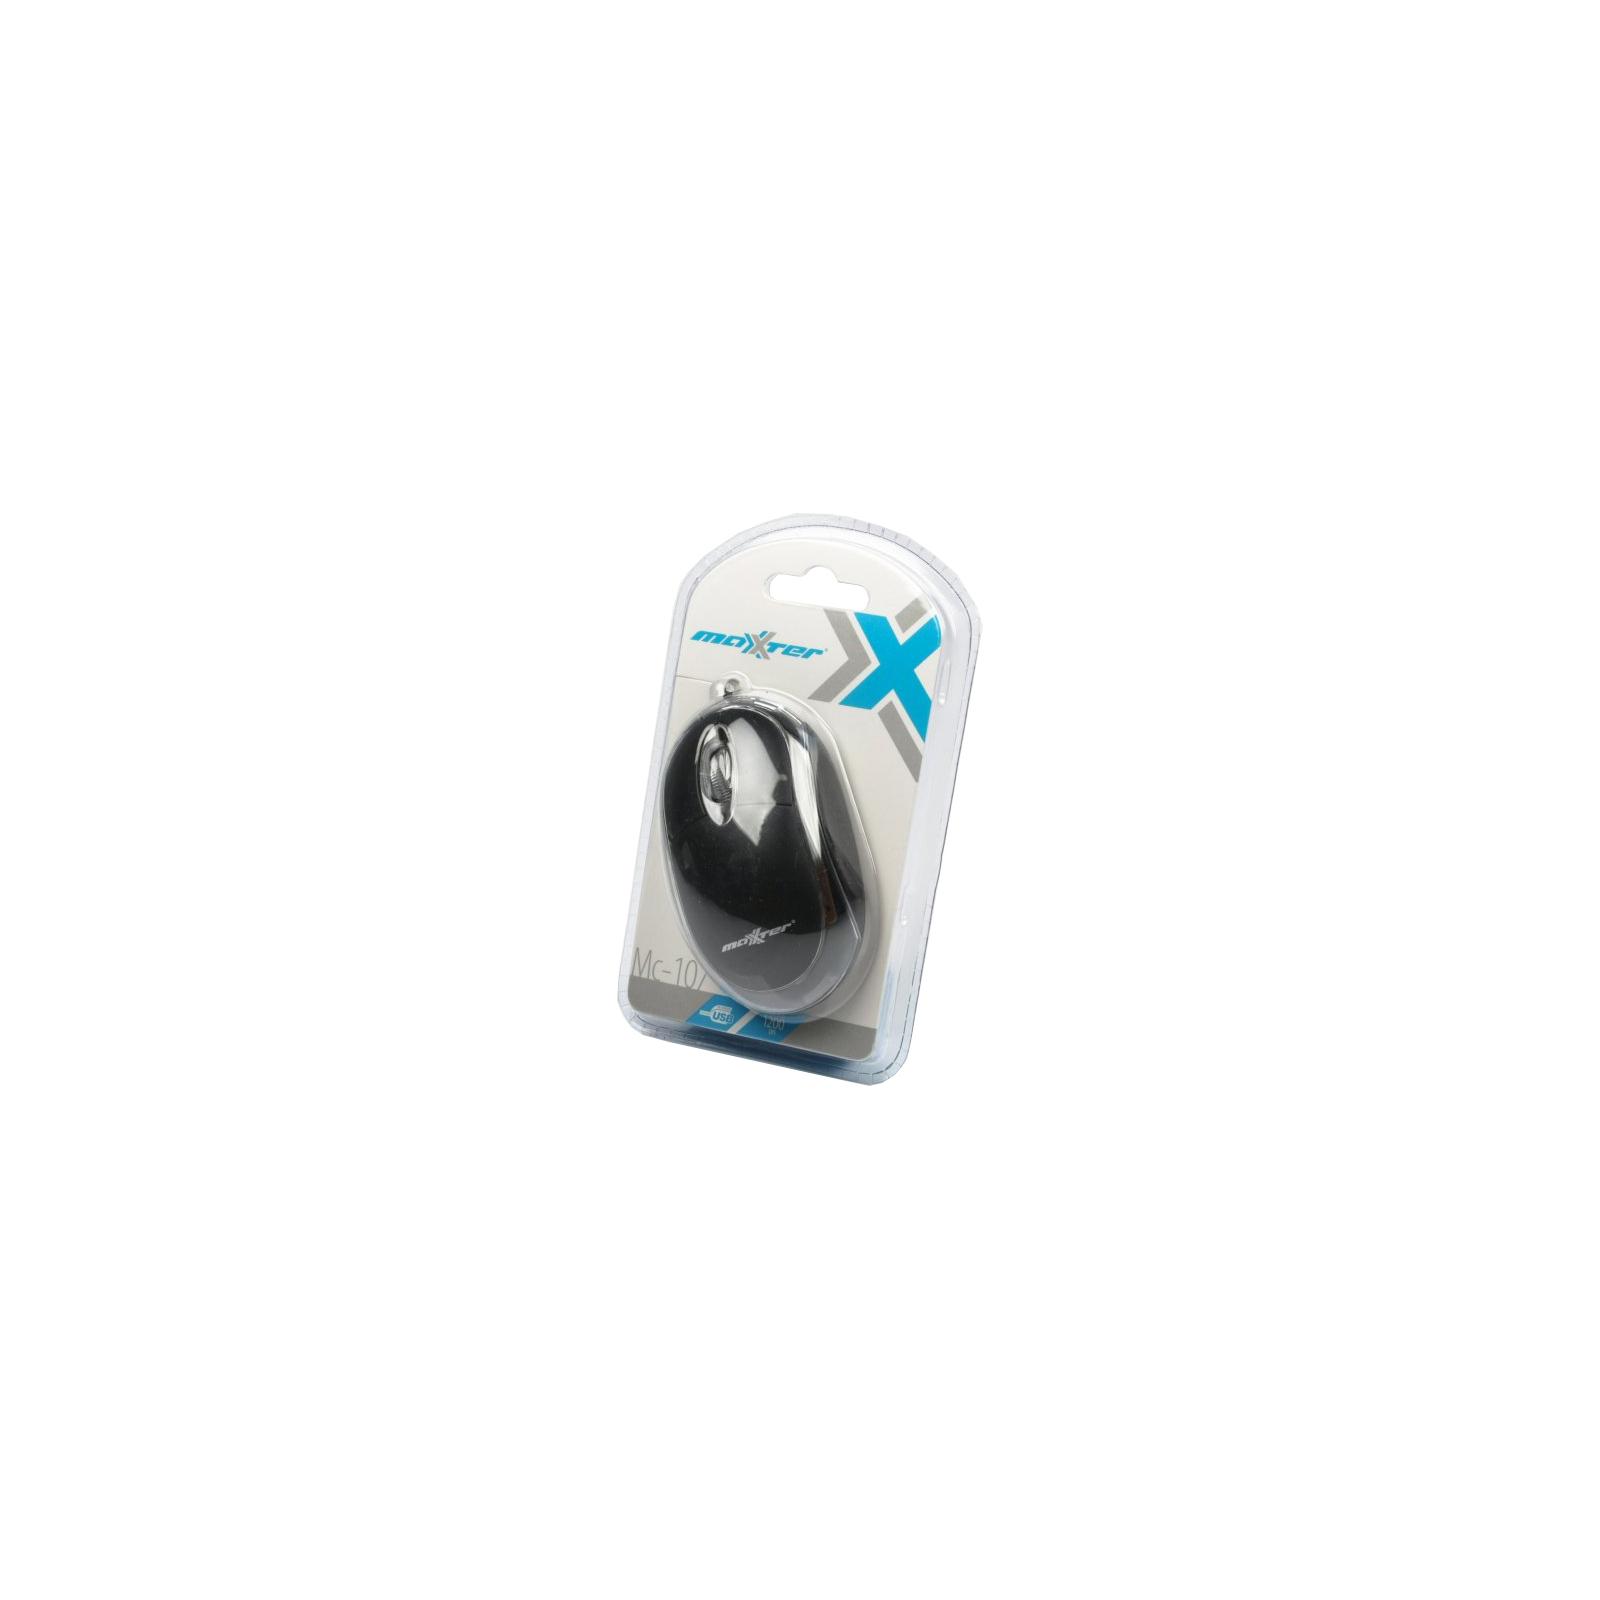 Мышка Maxxter Mc-107 изображение 3